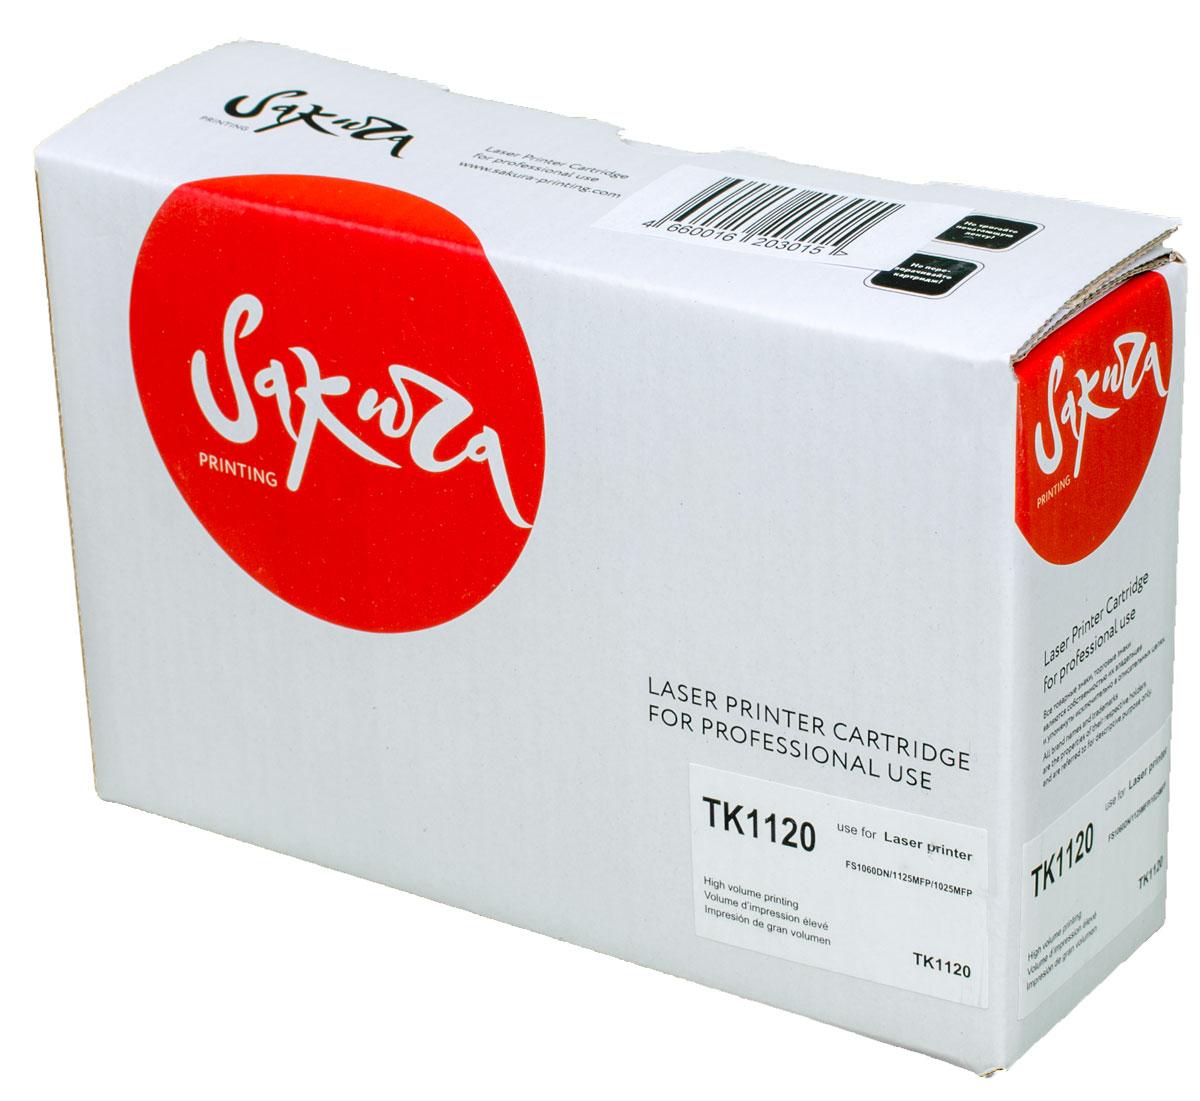 Sakura TK1120, Black тонер-картридж для Kyocera FS11060DN/FS1125MFP/FS1025MFPSATK1120Тонер-картридж Sakura TK1120 для лазерных принтеров Kyocera FS11060DN/FS1125MFP/FS1025MFP является альтернативным решением для замены оригинальных картриджей. Он печатает с тем же качеством и имеет тот же ресурс, что и оригинальный картридж. В картриджах компании Sakura используется химический синтезированный тонер, который в отличие от дешевого тонера из перемолотого полимера, не царапает, а смазывает печатающий вал, что приводит к возможности многократных перезаправок картриджей. Такой подход гарантирует долгий срок службы принтера, превосходное качество и стабильность печати.Тонер-картриджи Sakura производятся при строгом соответствии стандартам ISO 9001 и ISO 14001, что подтверждено международными сертификатами.